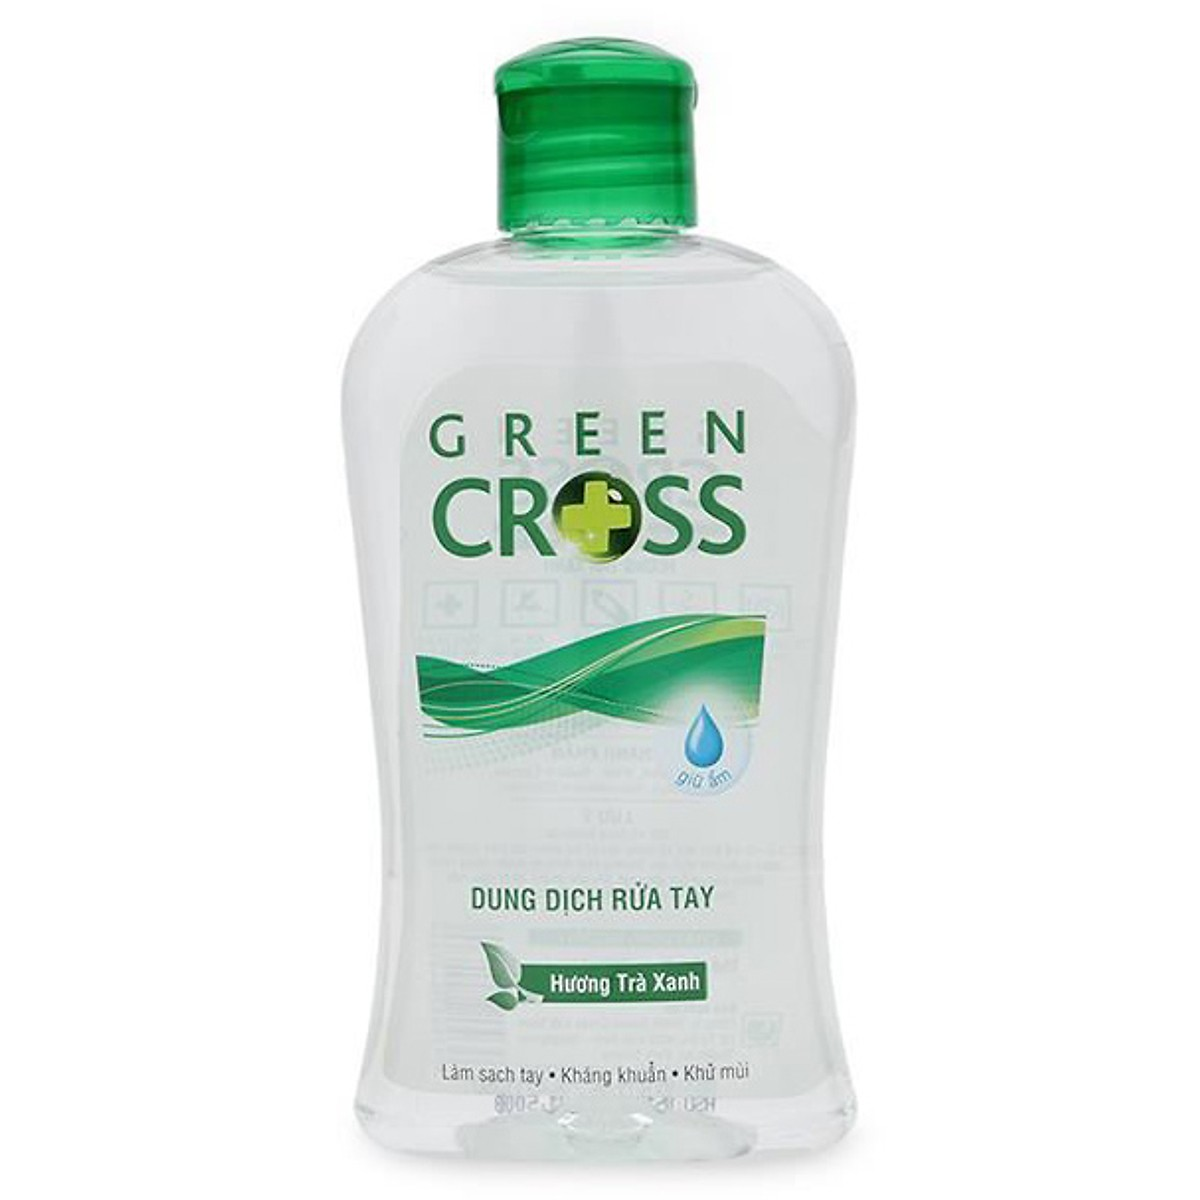 Nước rửa tay Green Cross hương trà xanh 250ml